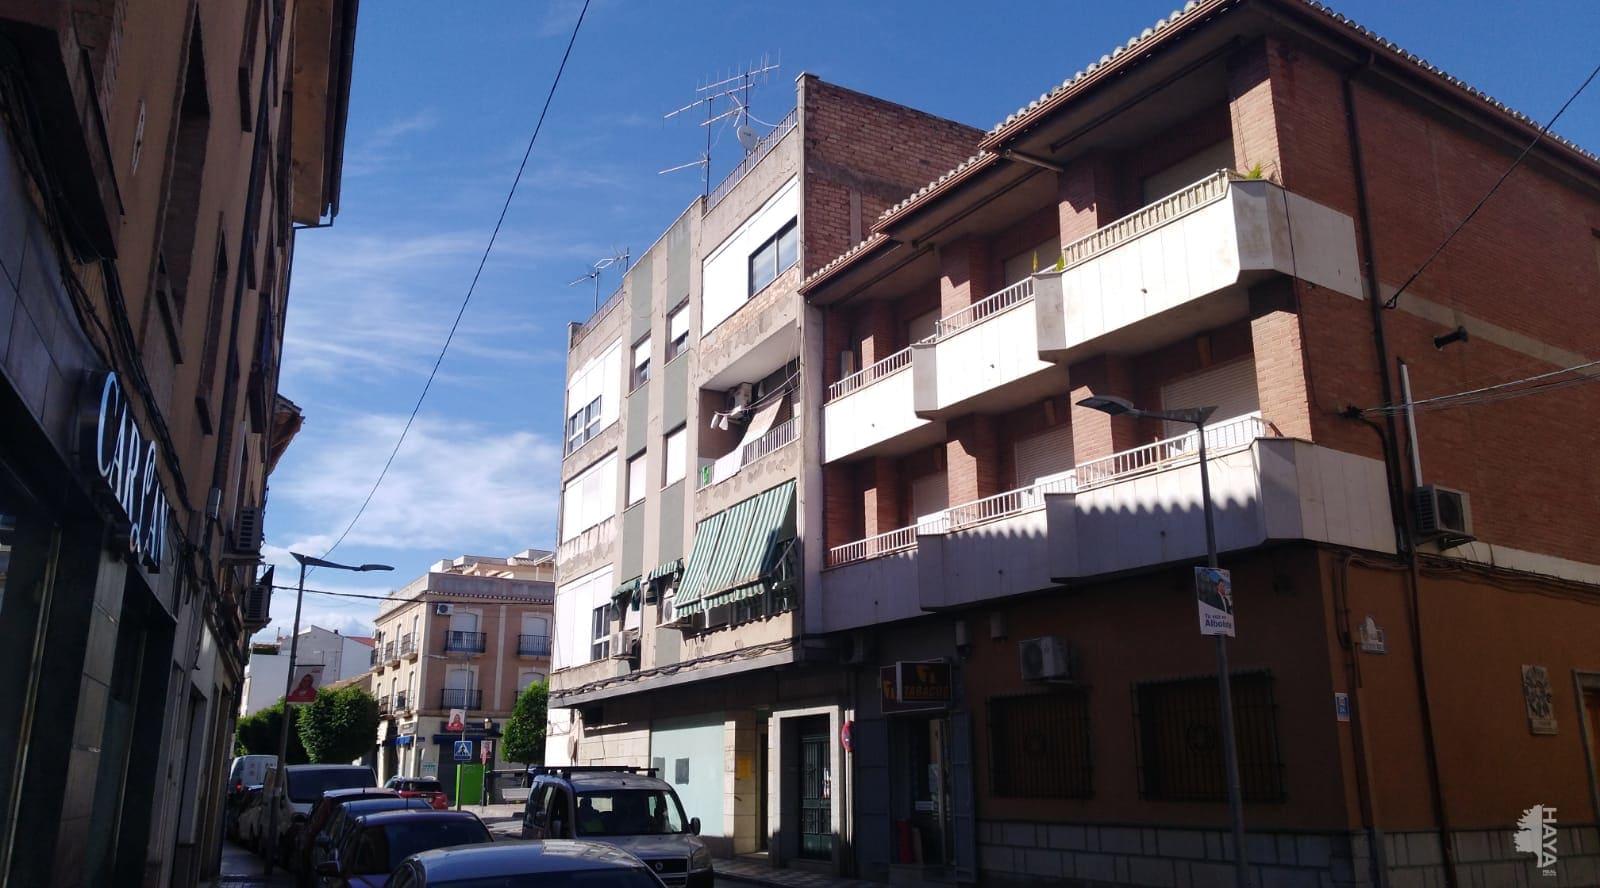 Piso en venta en Albolote, Granada, Calle Real, 125.160 €, 3 habitaciones, 1 baño, 97 m2